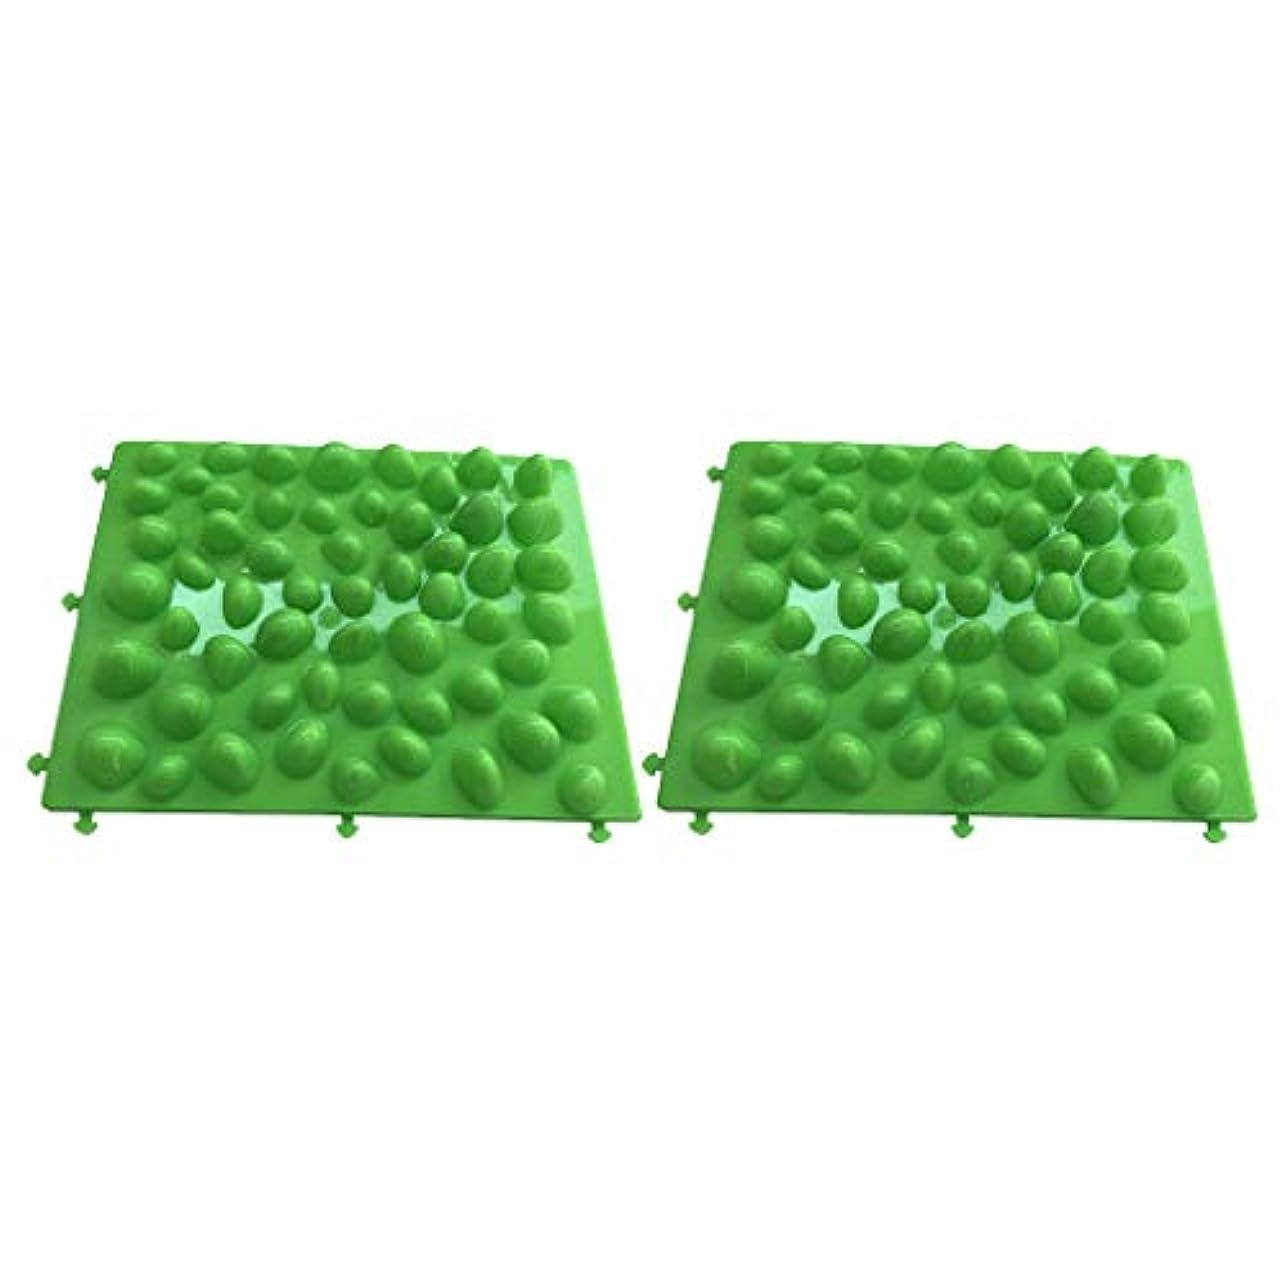 地上でショートきつくフットマッサージ 足のマッサージパッド フットマット プラスチック製石 血行促進 フットケア 2個入